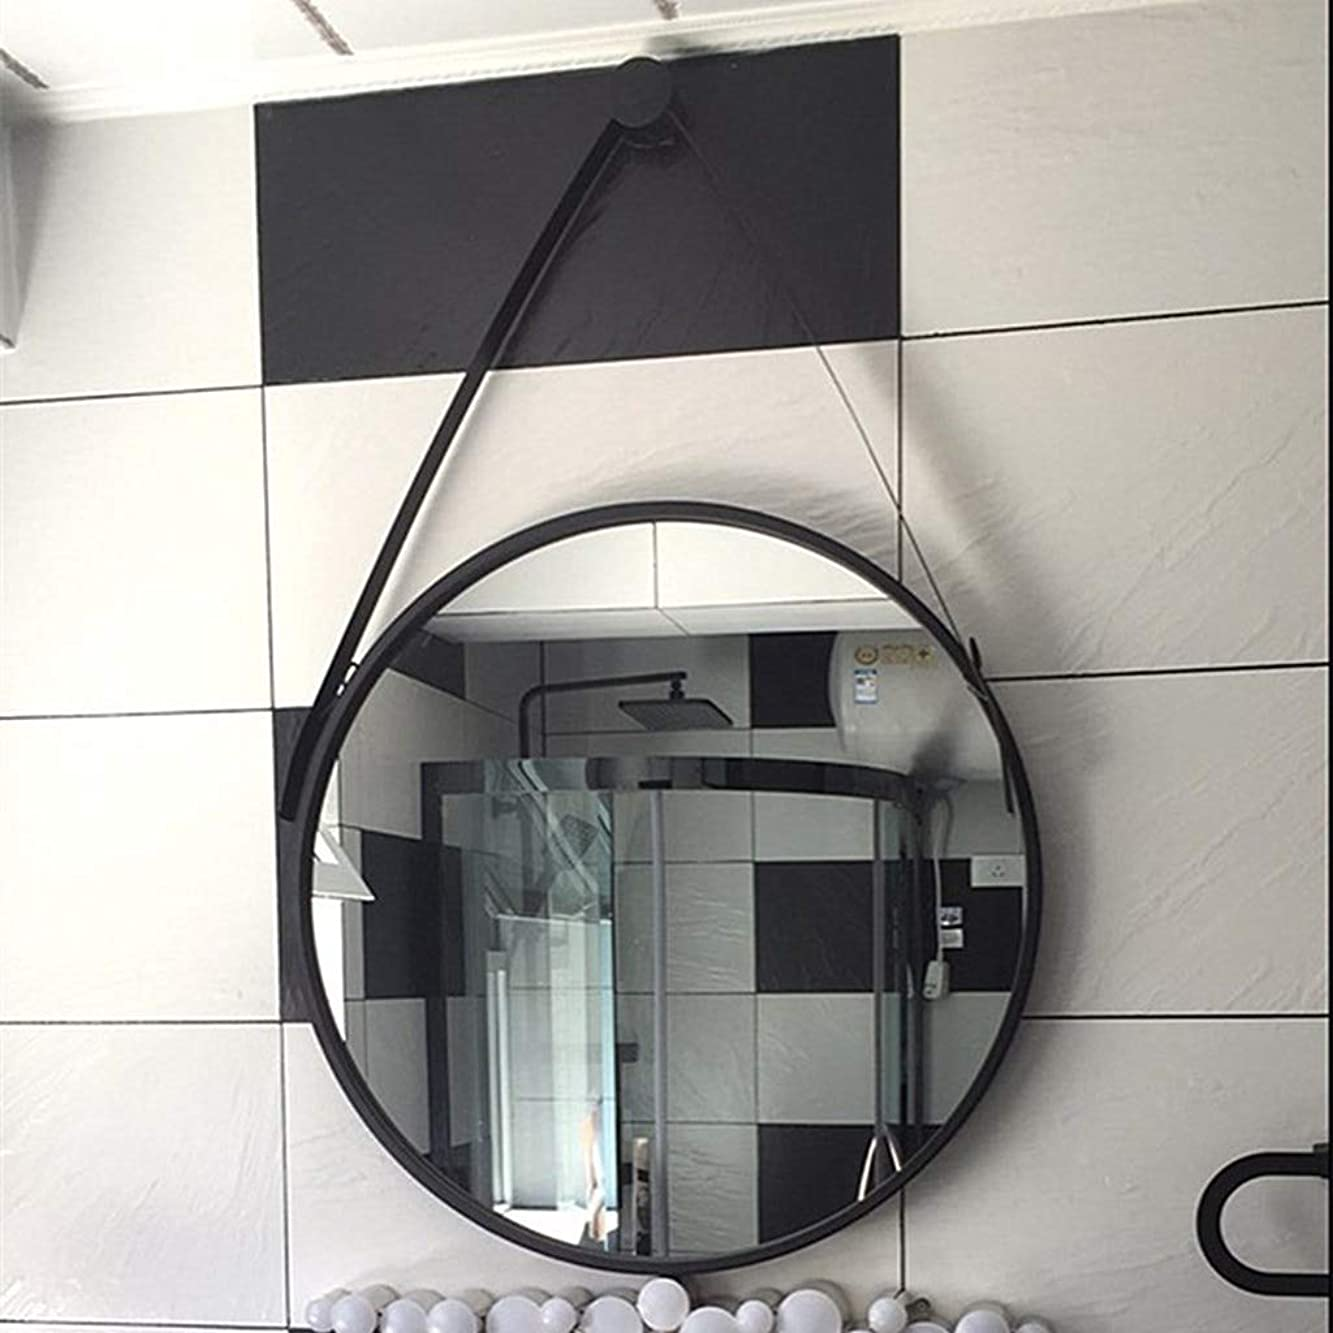 テレビ局鮫はちみつバスルームウォールミラー 80 x 80 cm レトロな丸い化粧鏡 壁バニティミラー ボーダー付きミラー ホワイト/ブラック/ゴールド バスルーム、リビングルーム、ベッドルーム、エントランス。